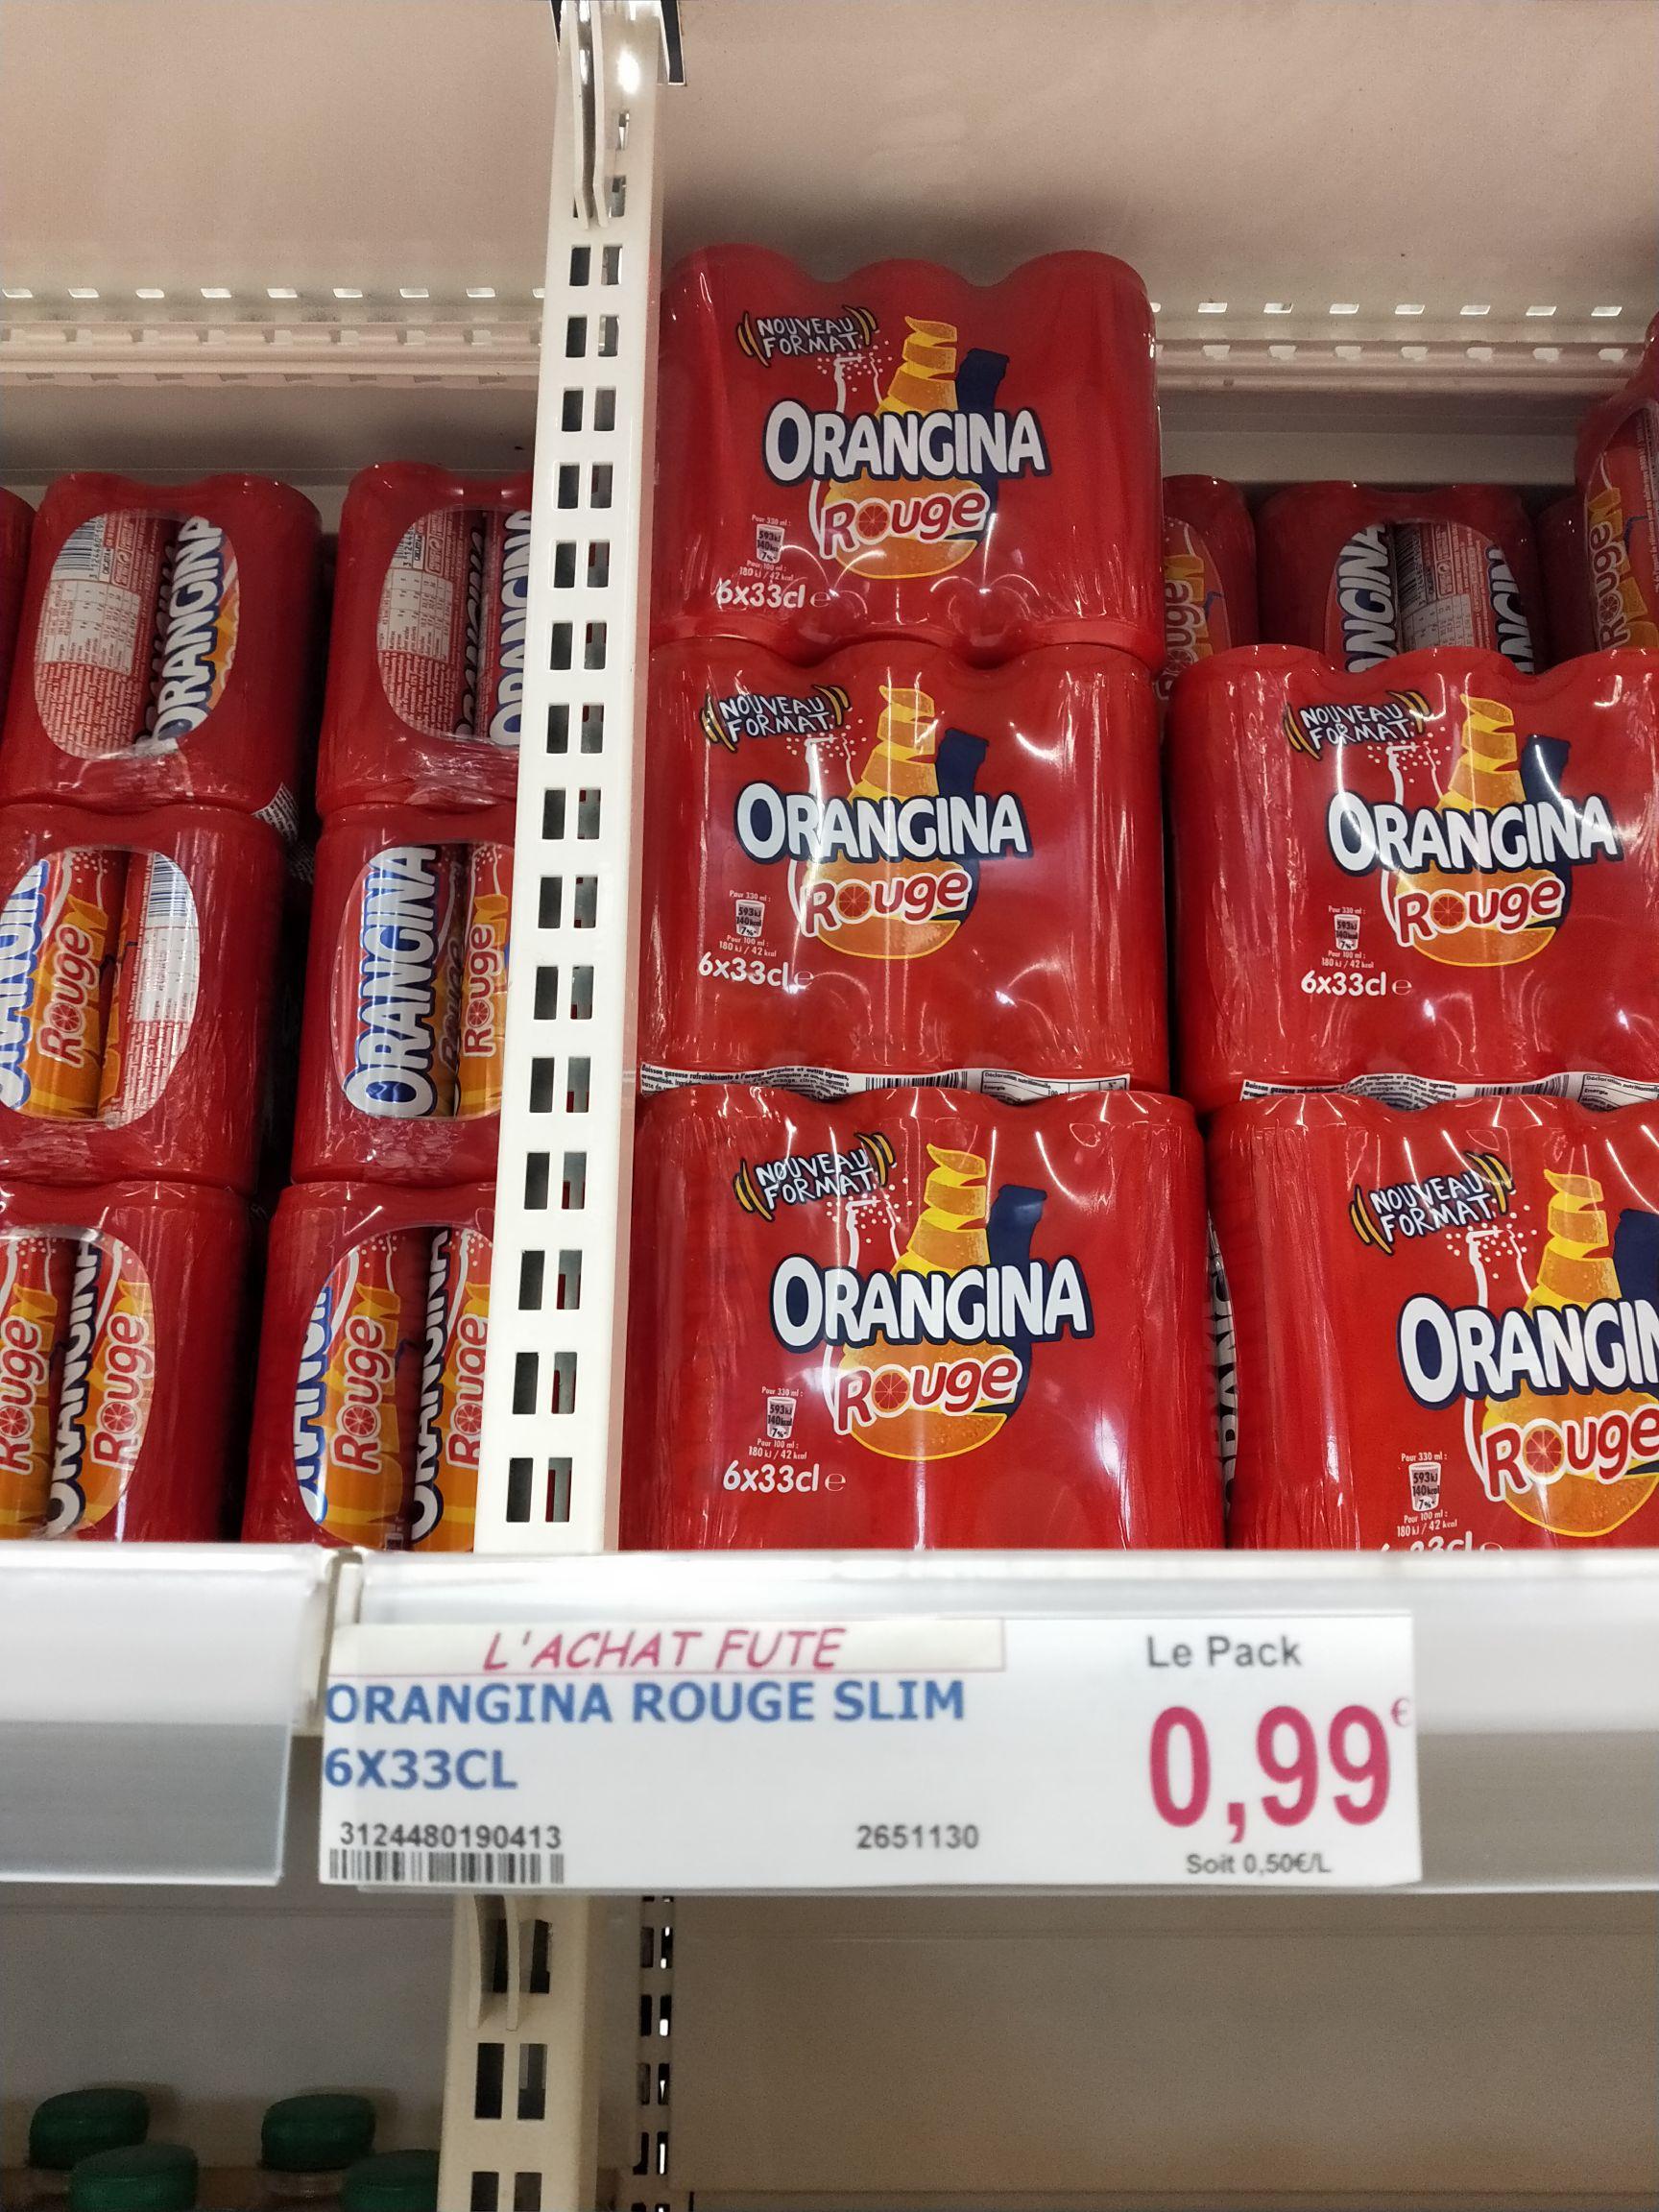 Pack de 6 canettes Orangina rouge (6x 33cl) - Marché frais